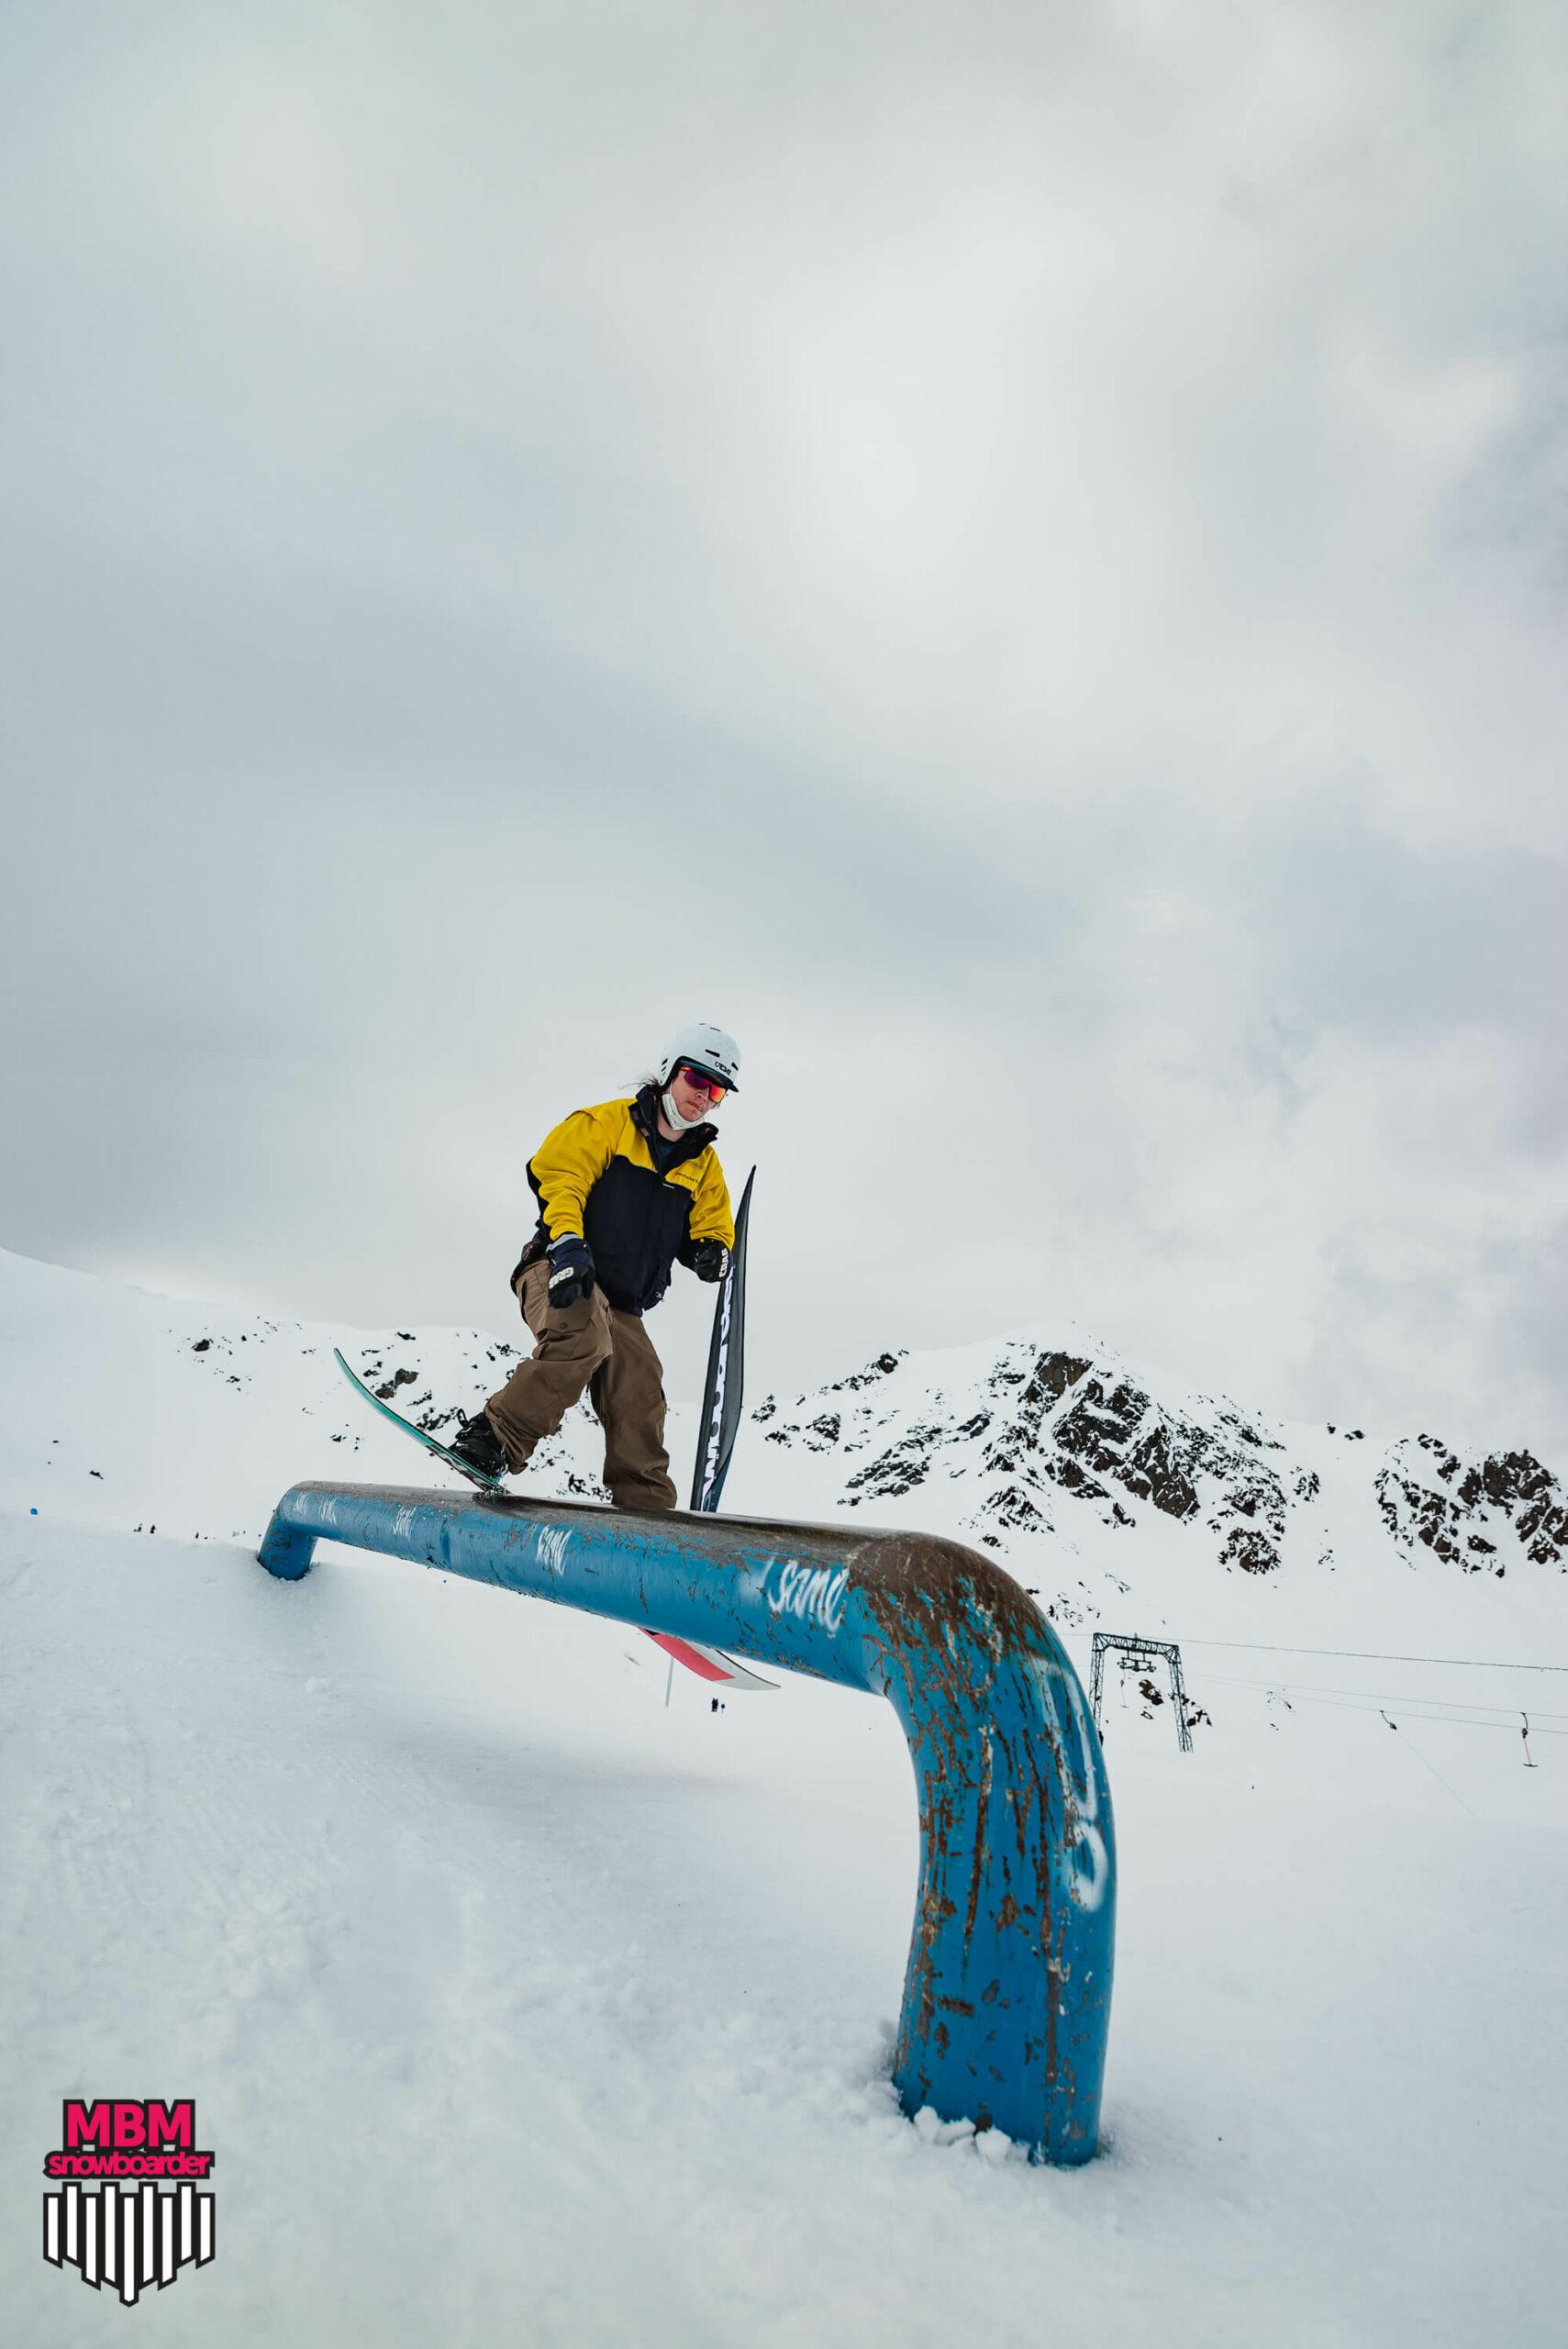 snowboarderMBM_sd_kaunertal_052